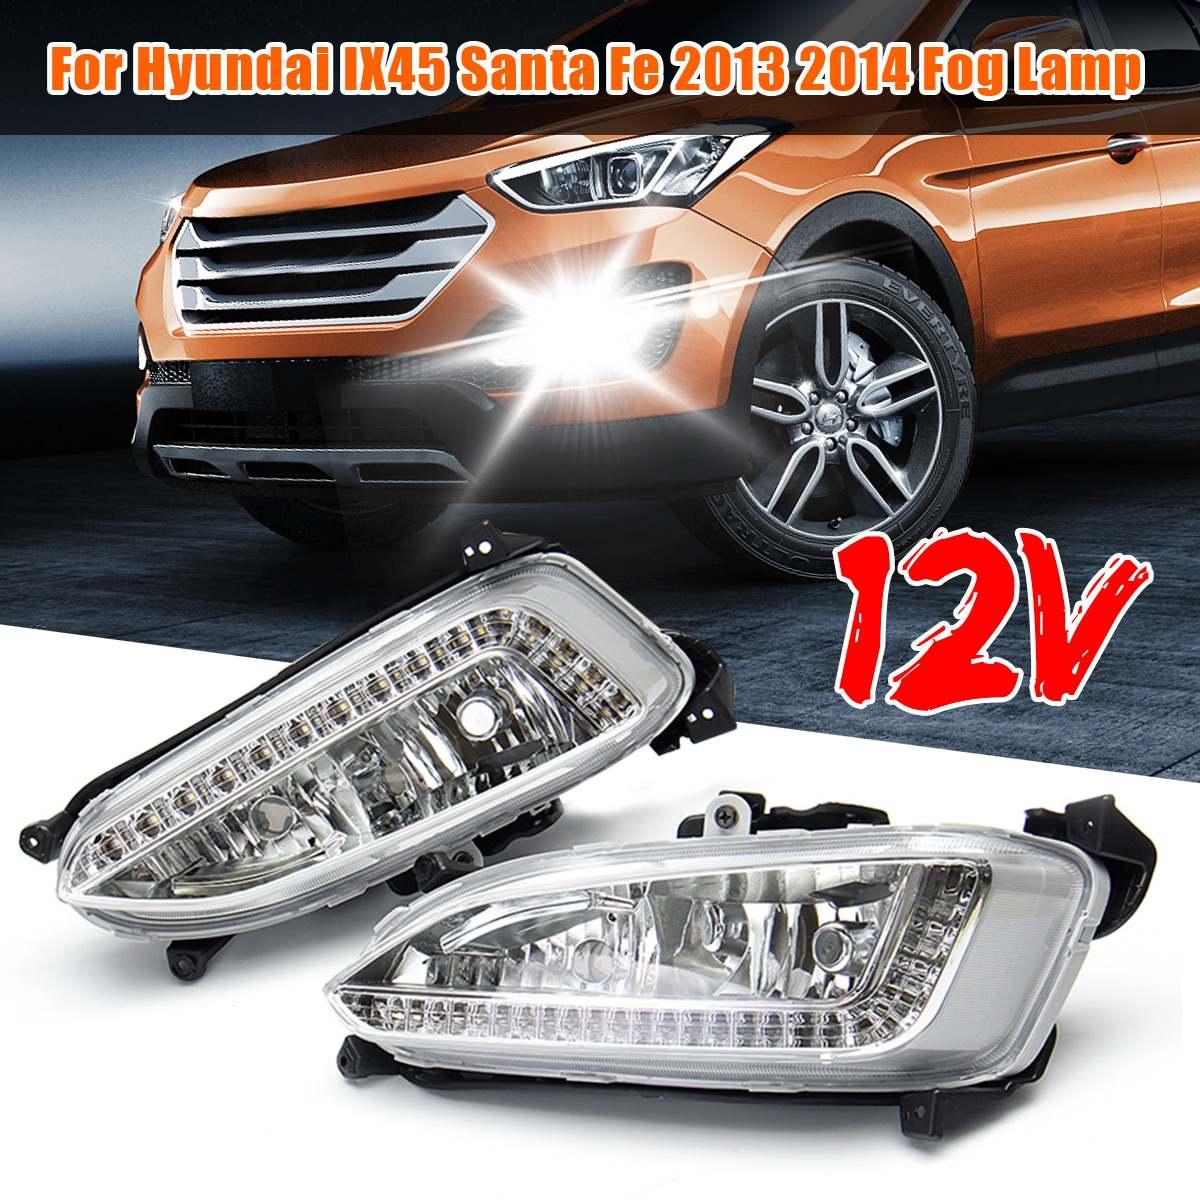 1 paire LED Brouillard Feux Diurnes Lumière Pour Hyundai Santa Fe IX45 2013 2014 2015 Accessoires De Voiture Étanche 12 V Brouillard Lampe